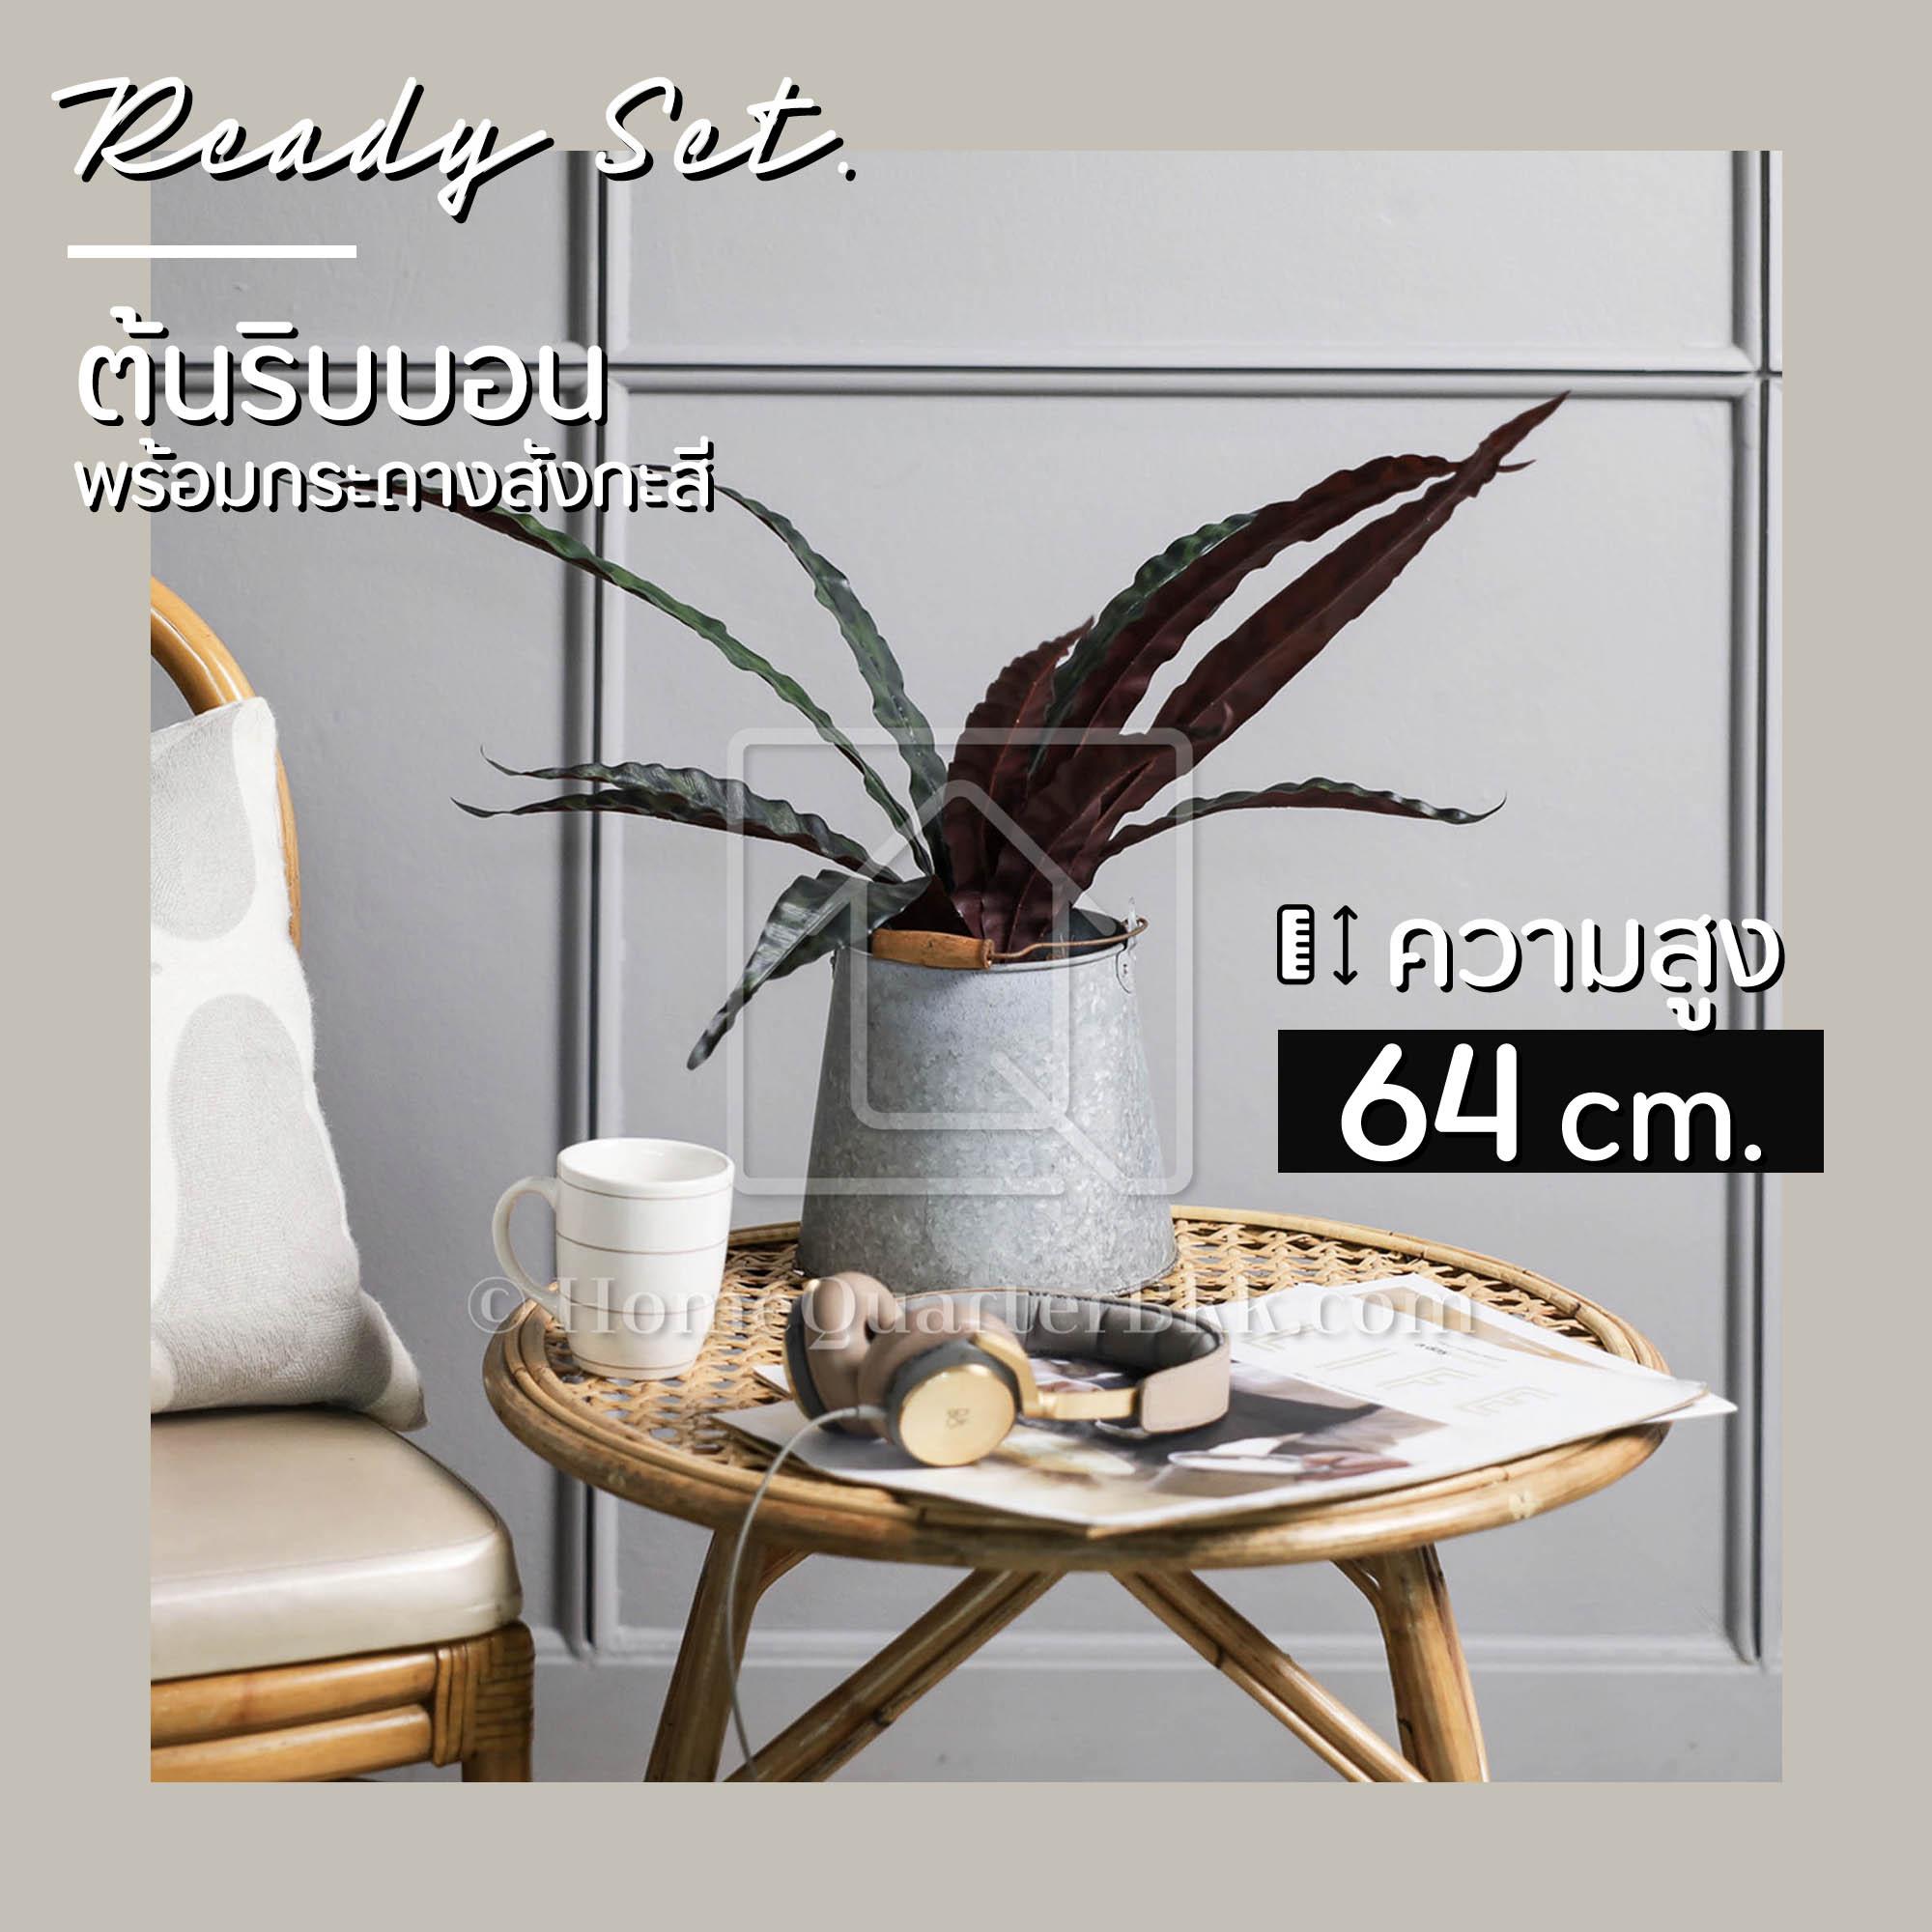 Ready Set - Cosy Ribbon